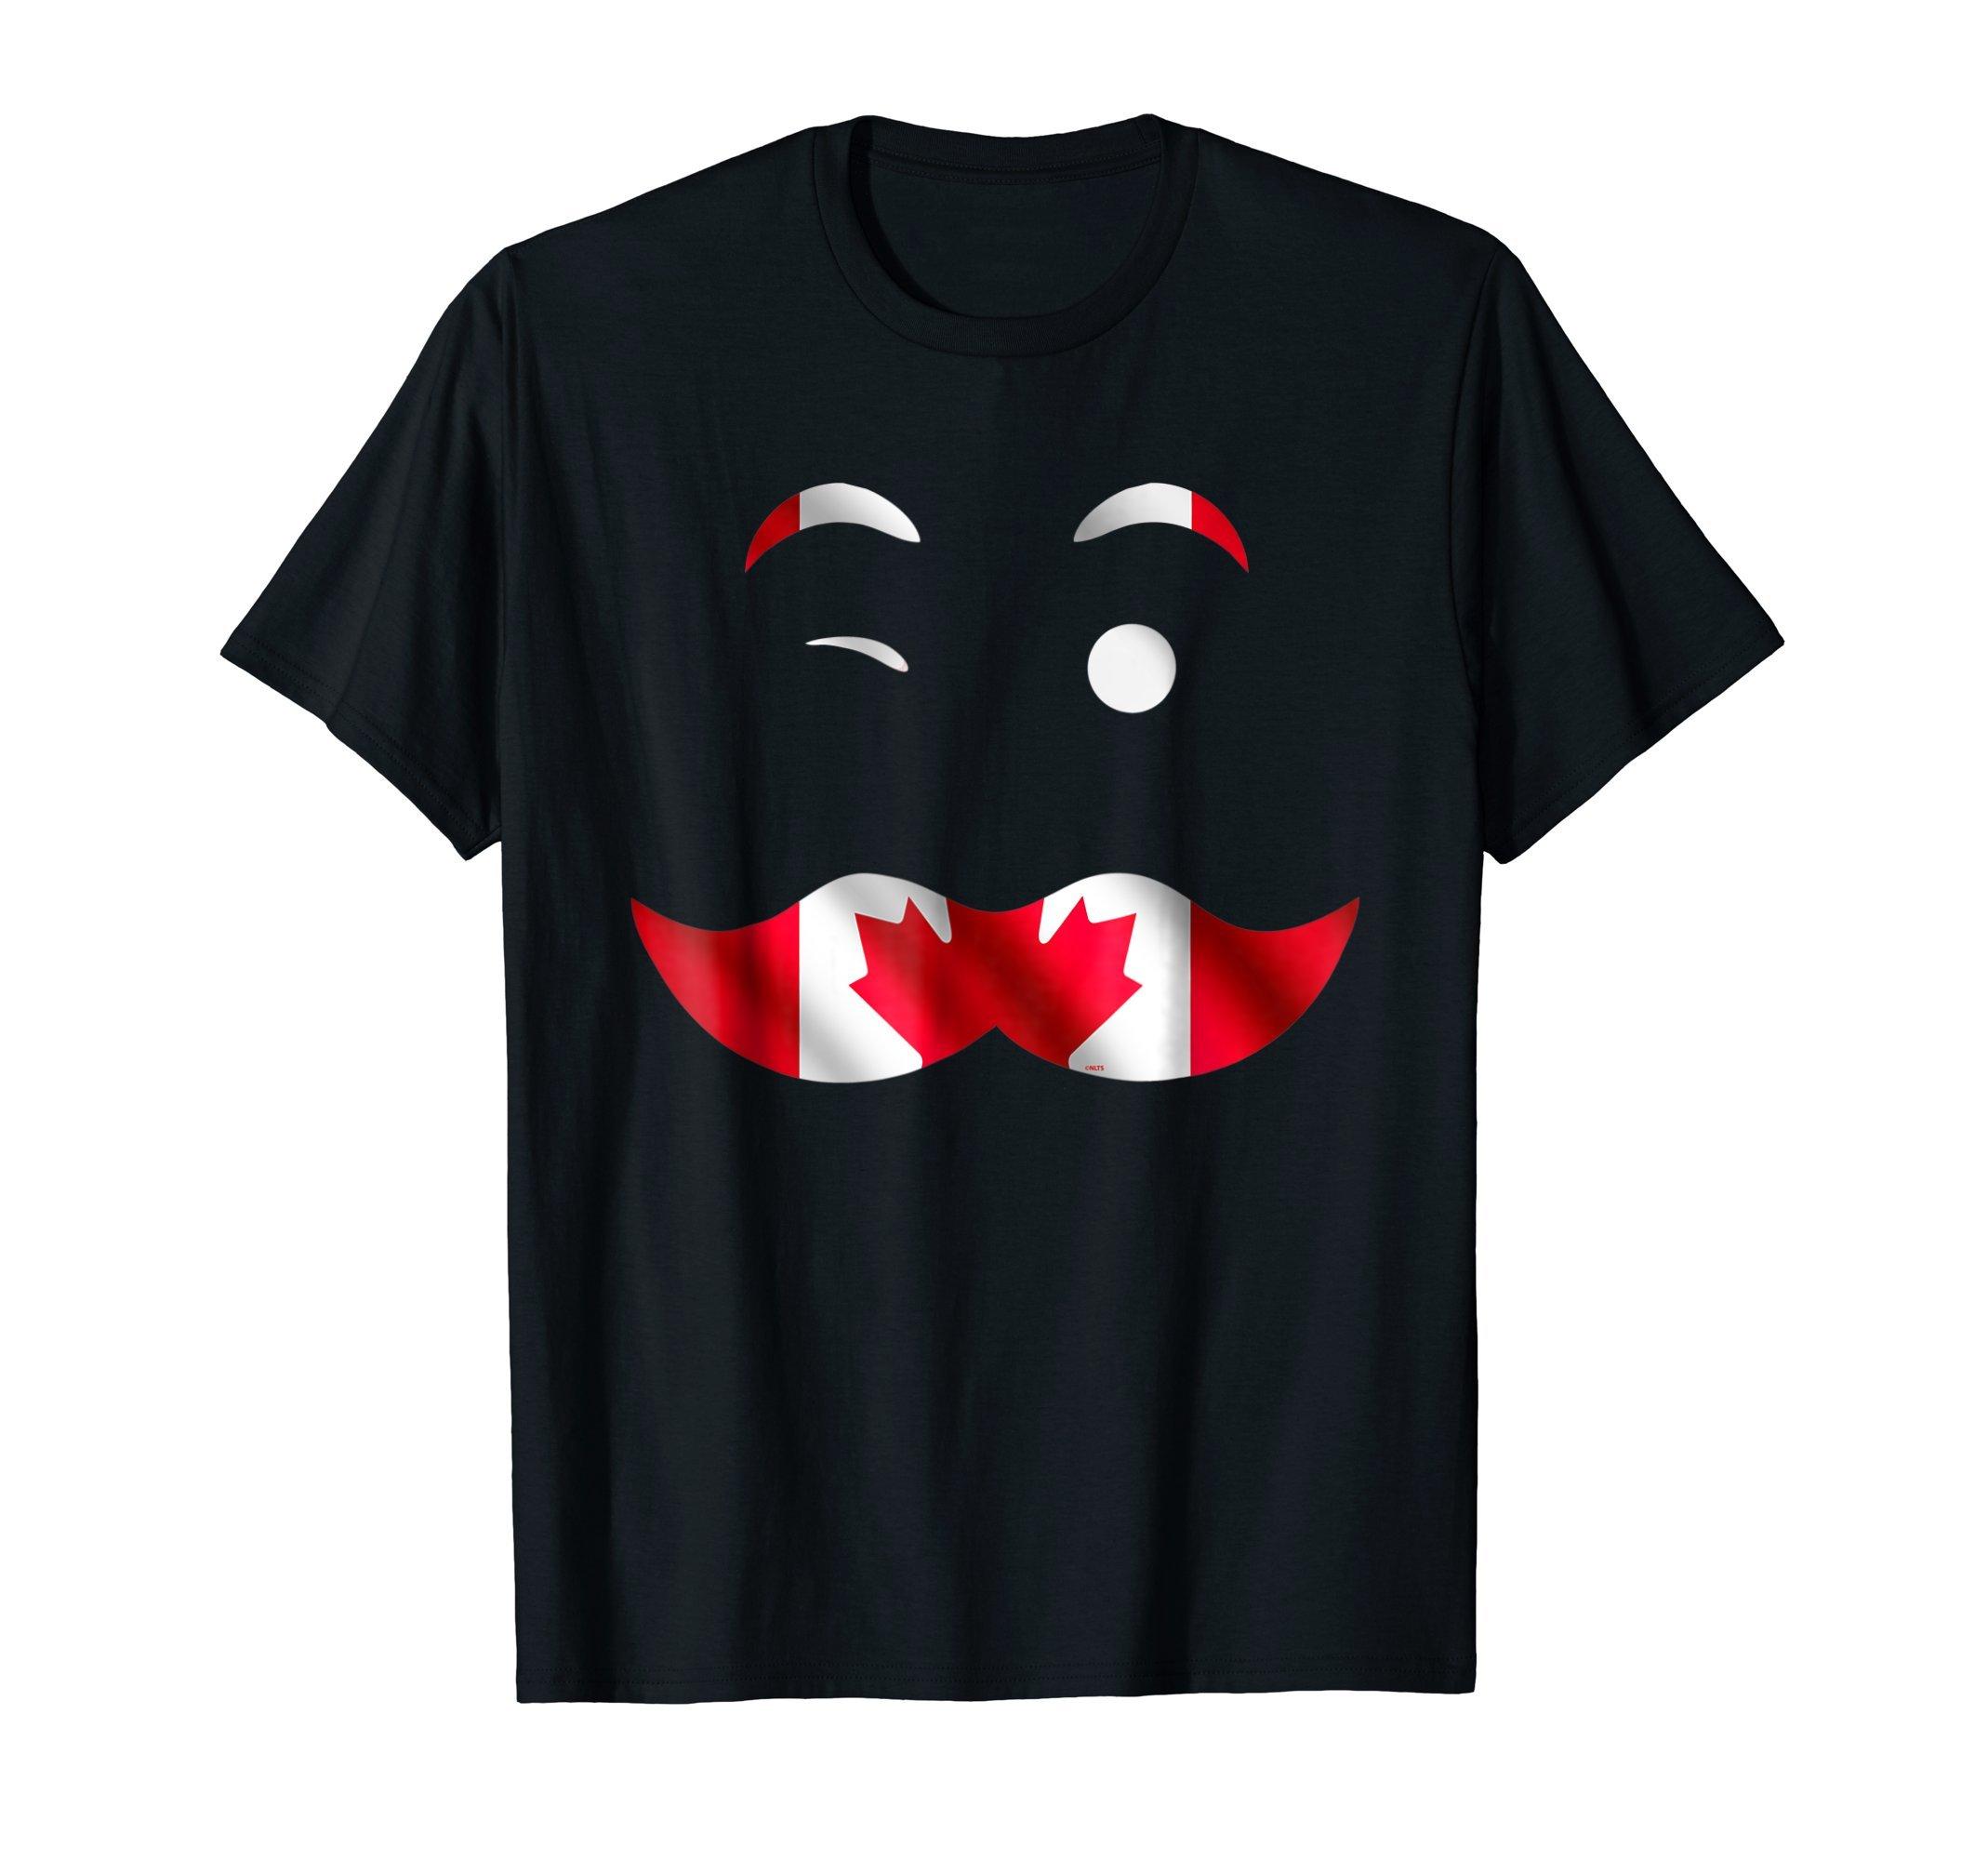 Canadian-Flag-Face-Mustache-T-Shirt-Tee-Shirt-Gift